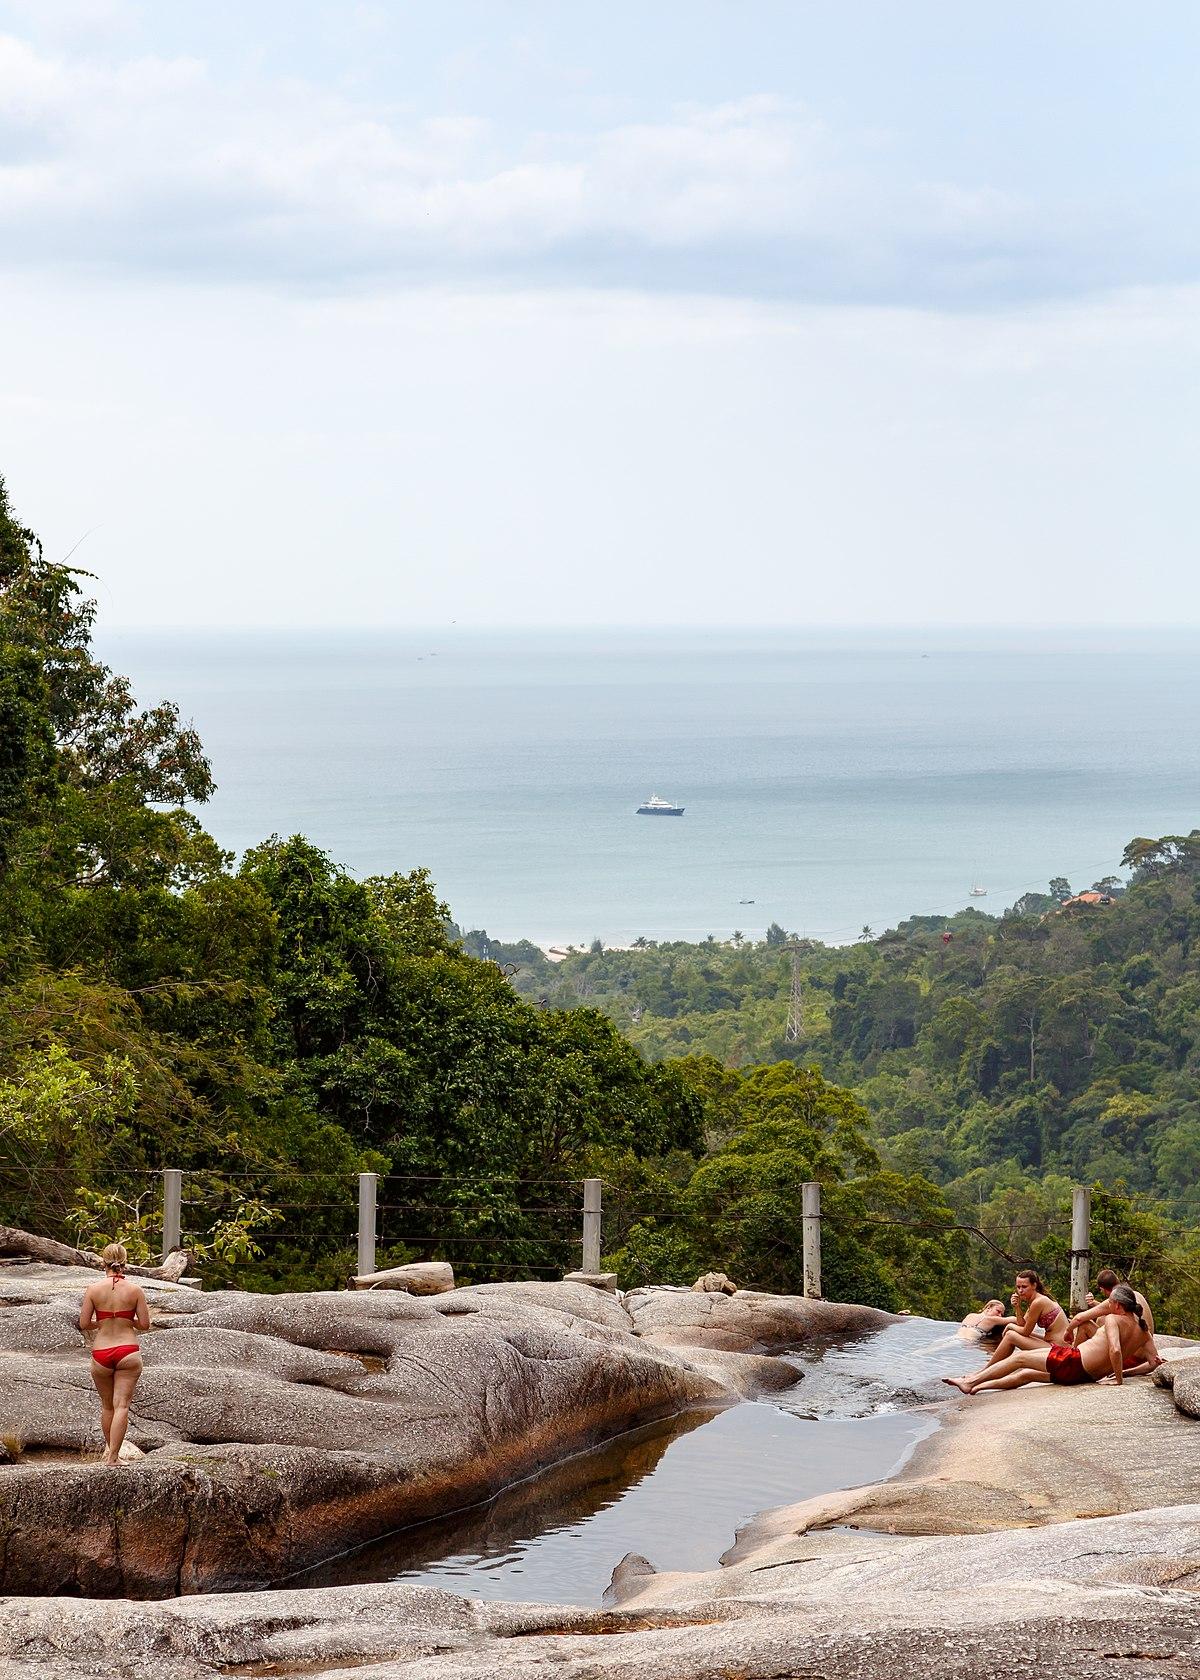 Langkawi – Travel guide at Wikivoyage